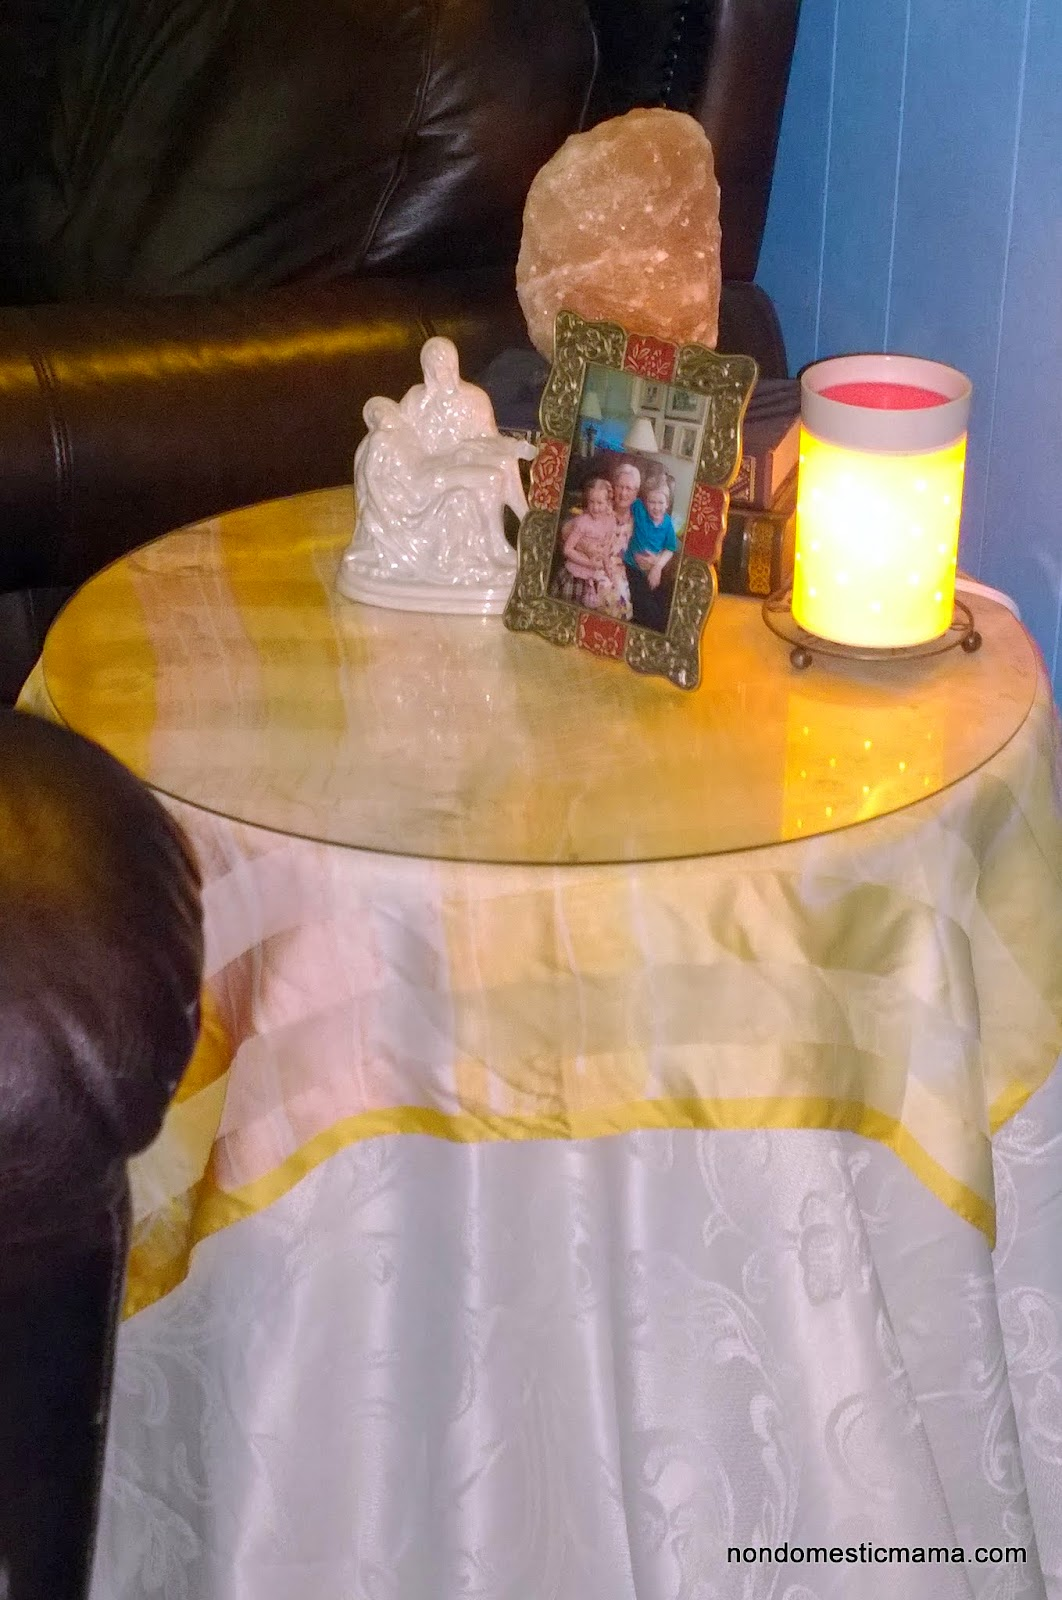 {Day 9} Living Room - 31 Days of De-Hoarding #write31days #dehoarding